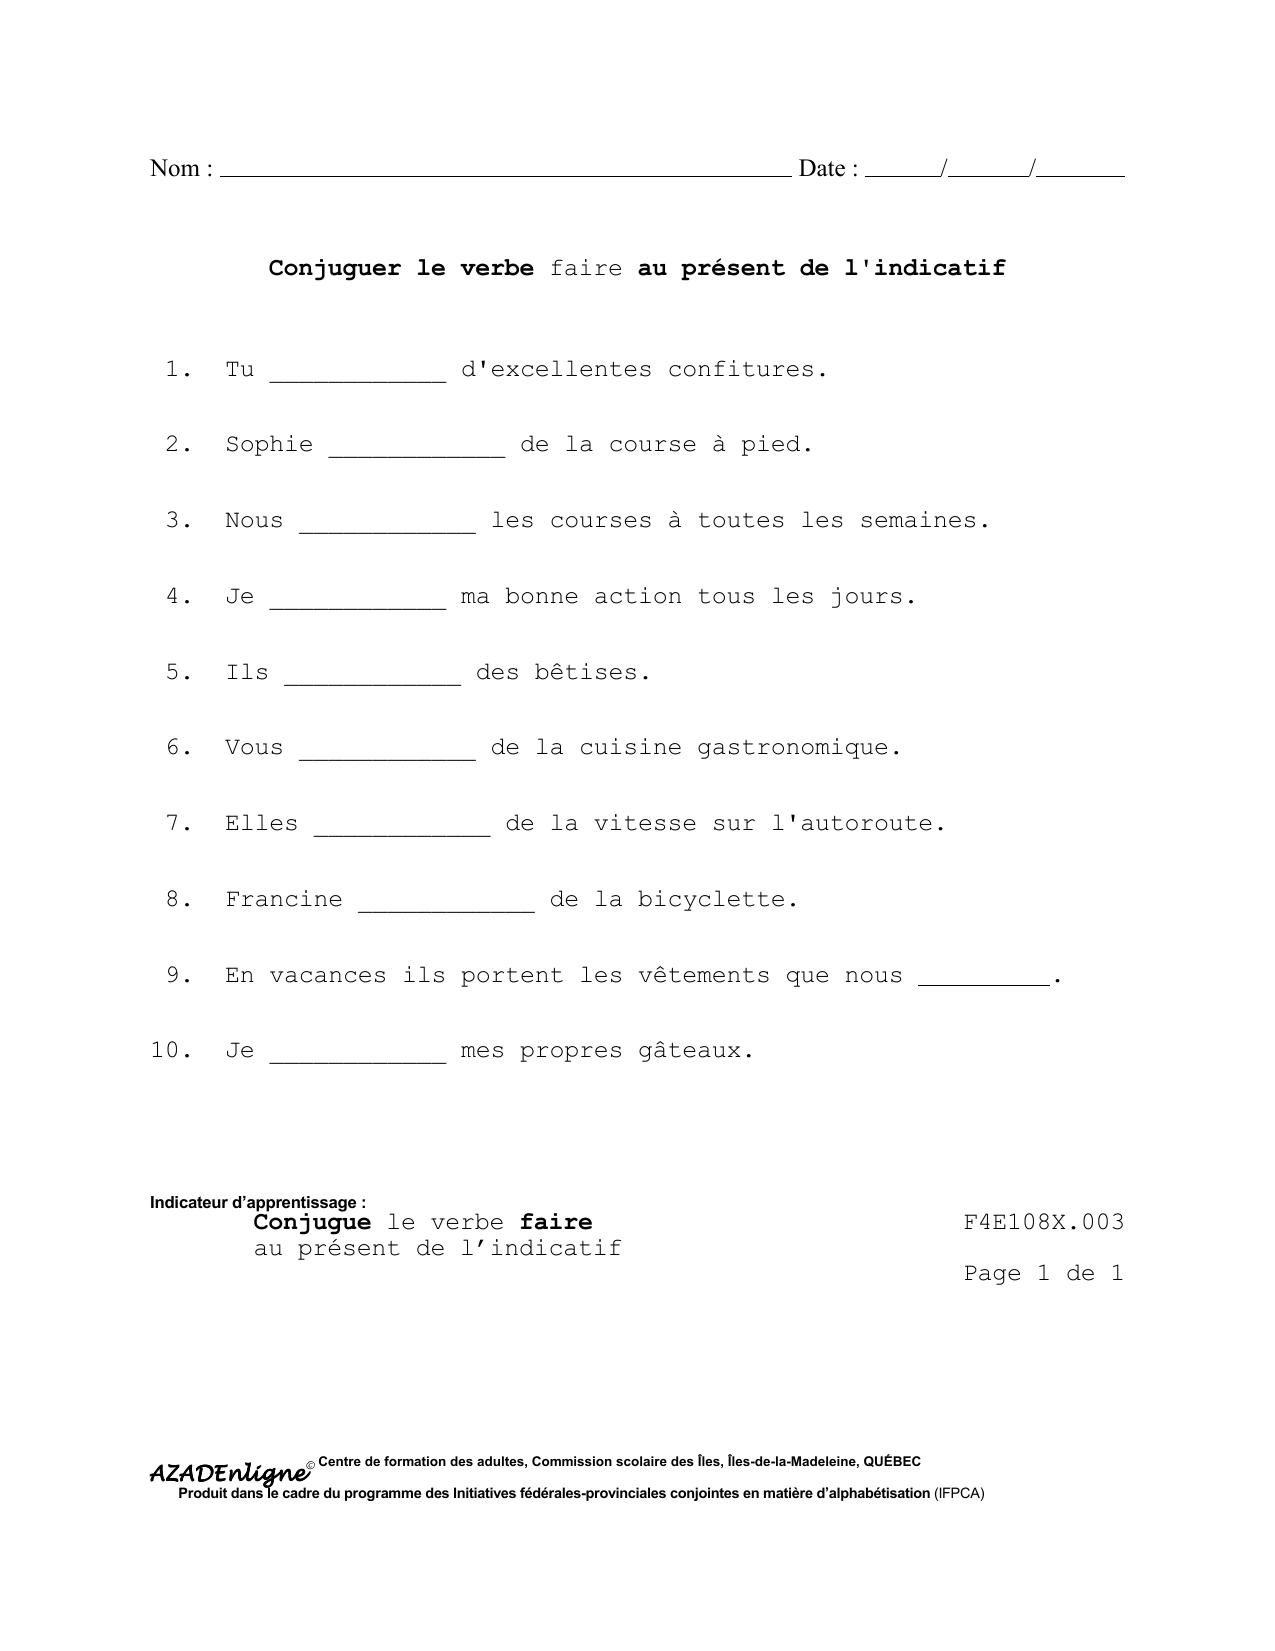 Conjuguer Le Verbe Faire Au Present De L Indicatif 1 Tu